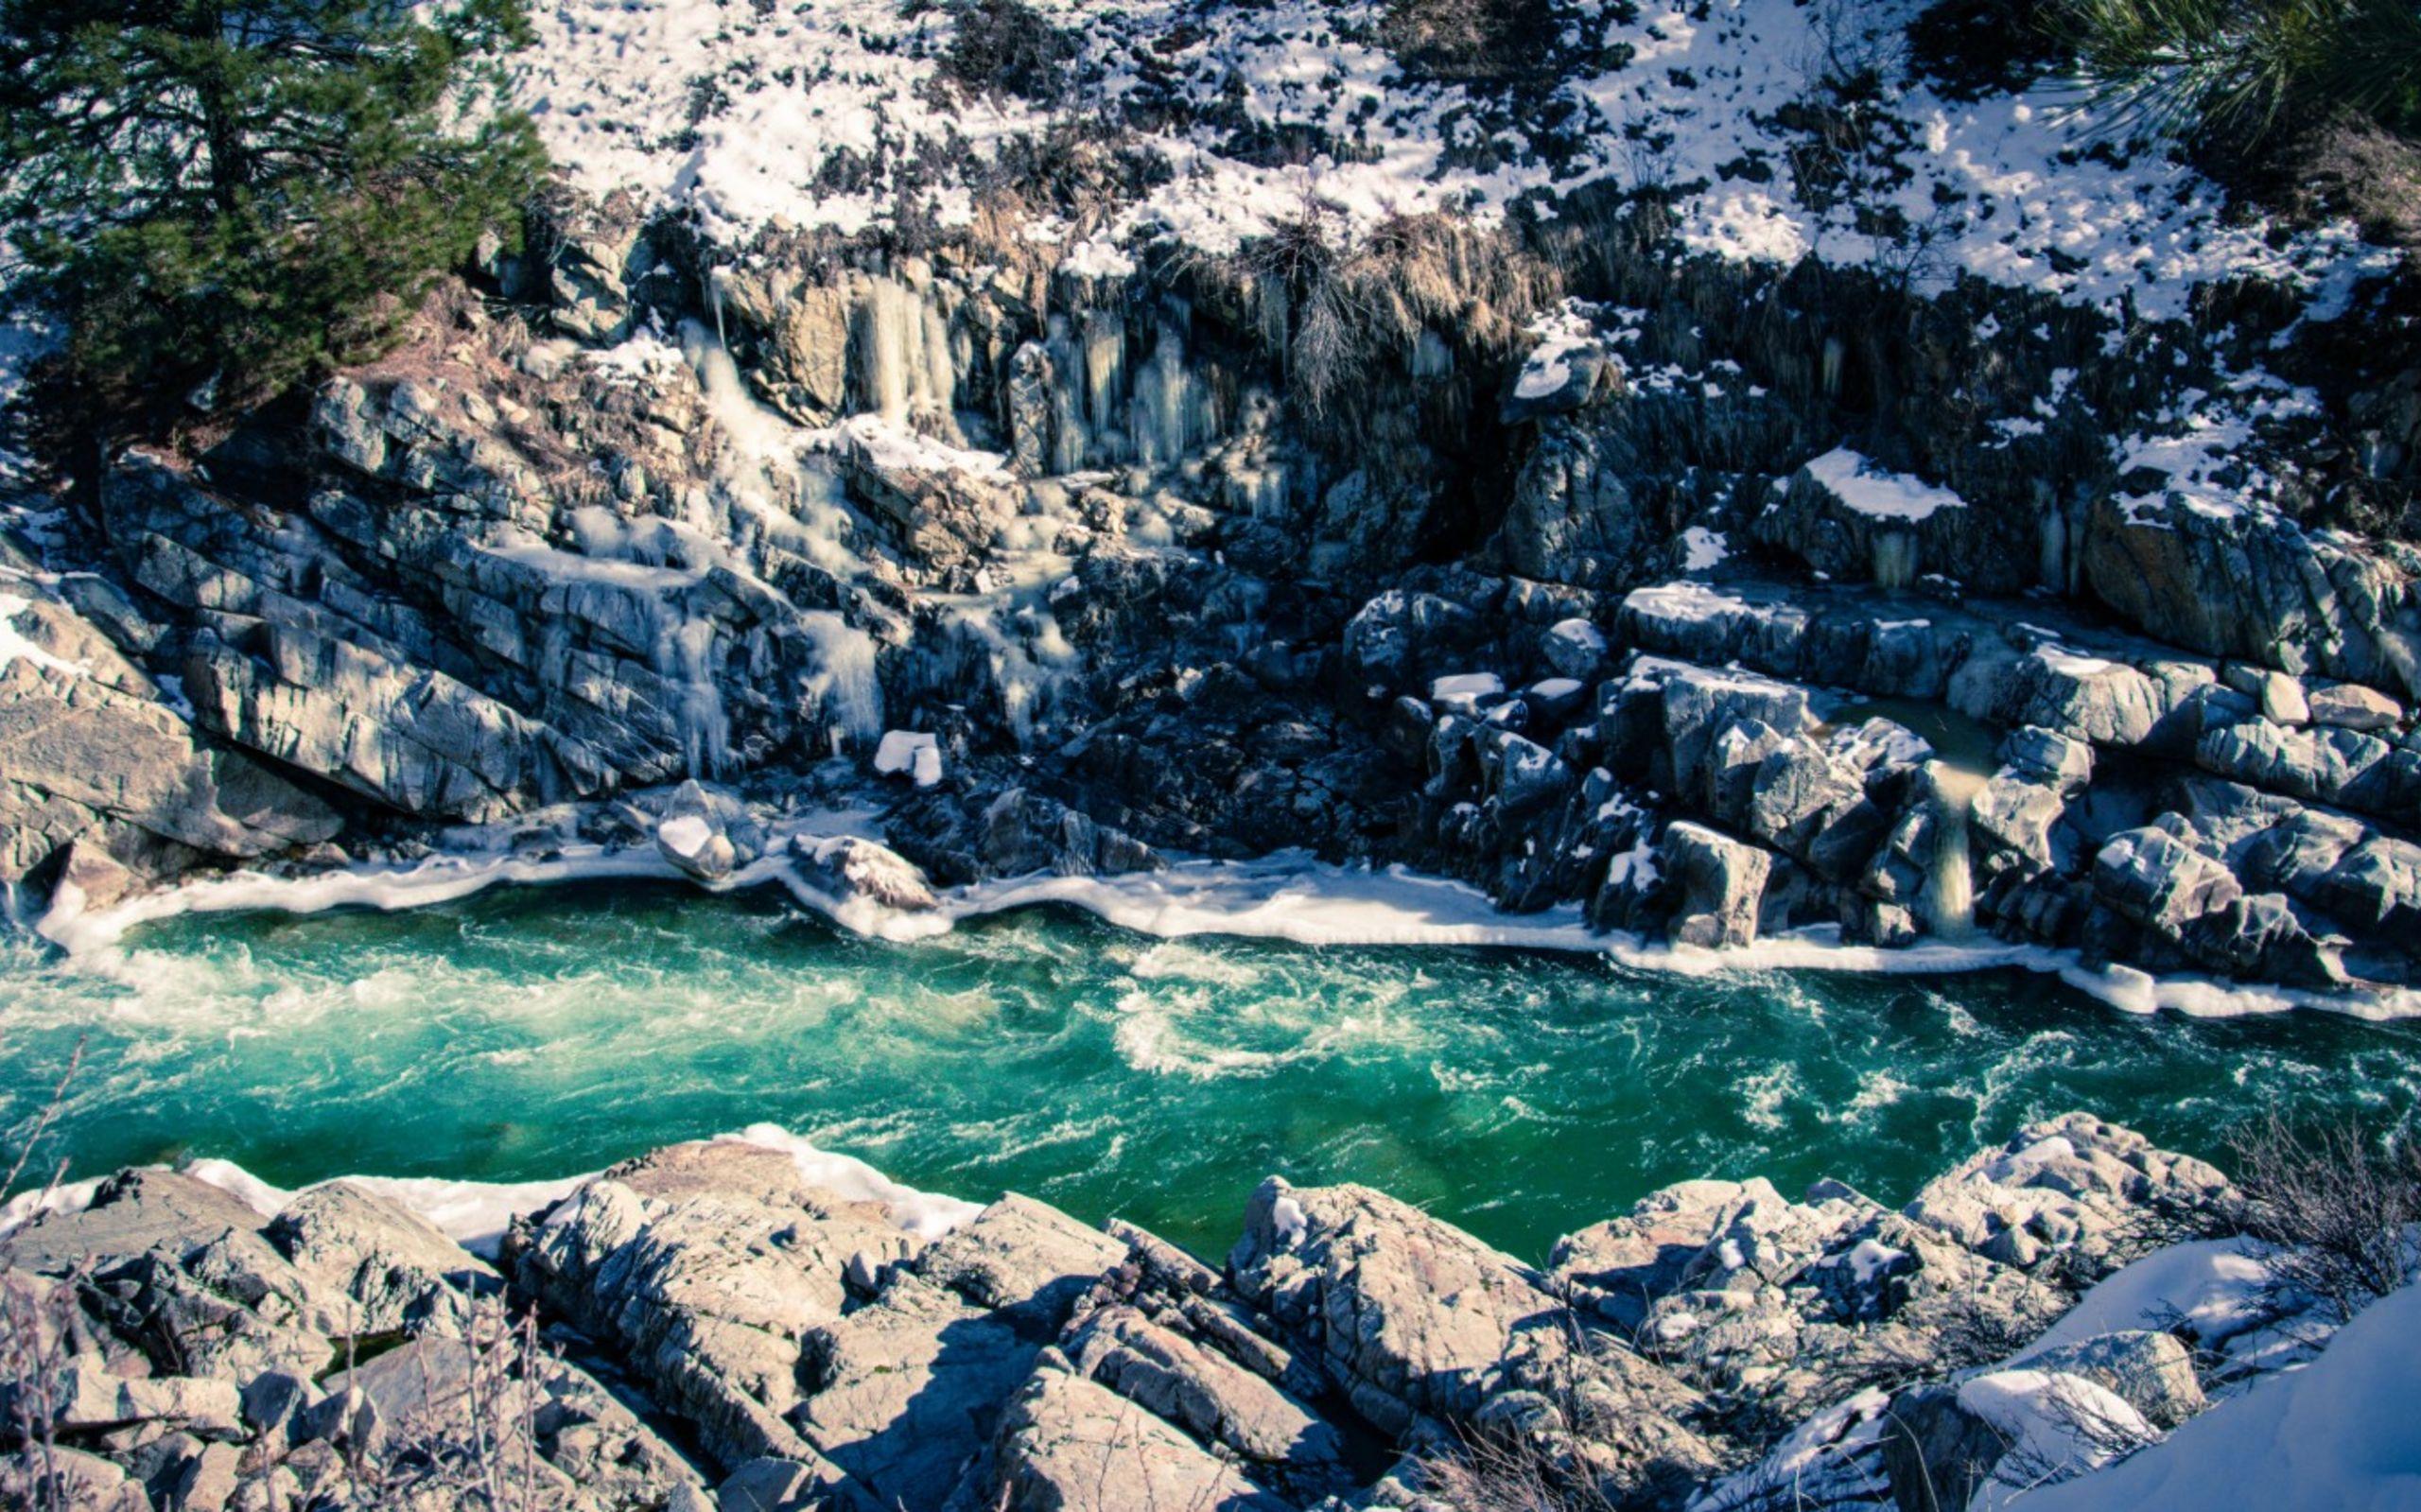 Kirkham Hot Springs in Lowman, ID (Photo courtesy of Tatiana Myers)